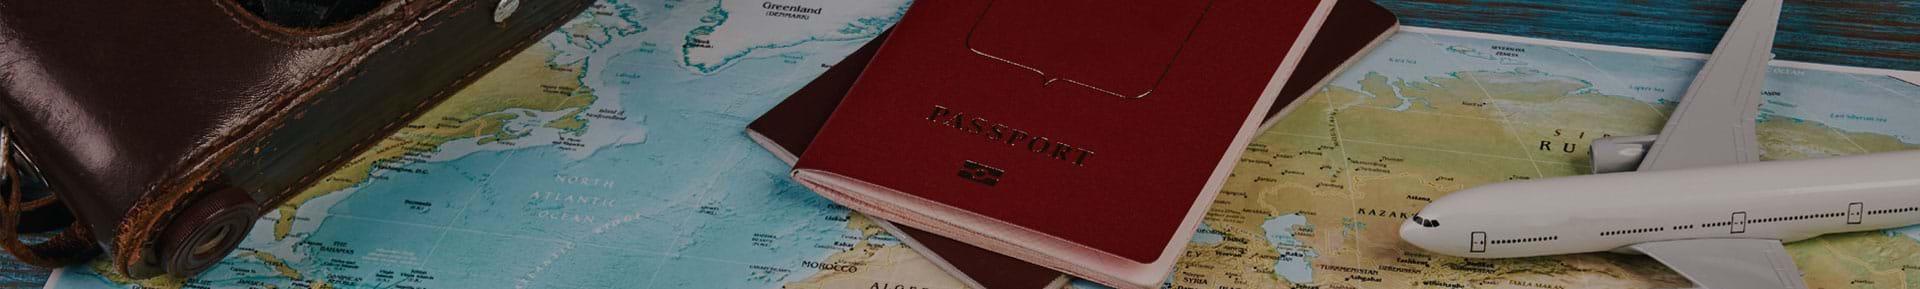 Kinh nghiệm làm visa Pháp